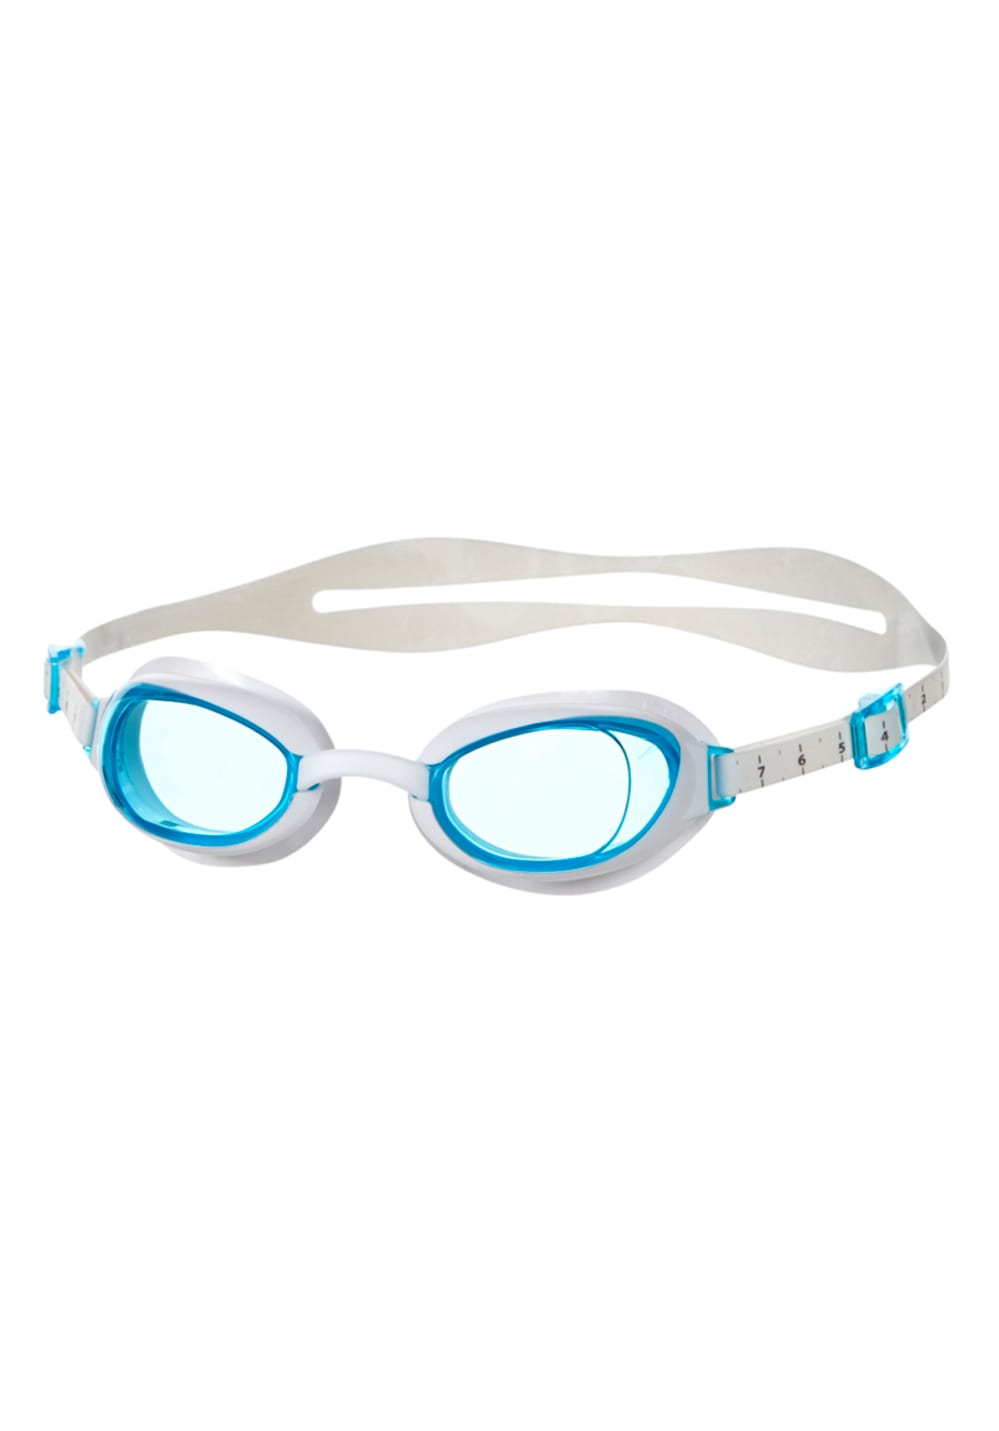 Speedo Aquapure Goggles - Schwimmen für Damen - Grau, Gr. One Size